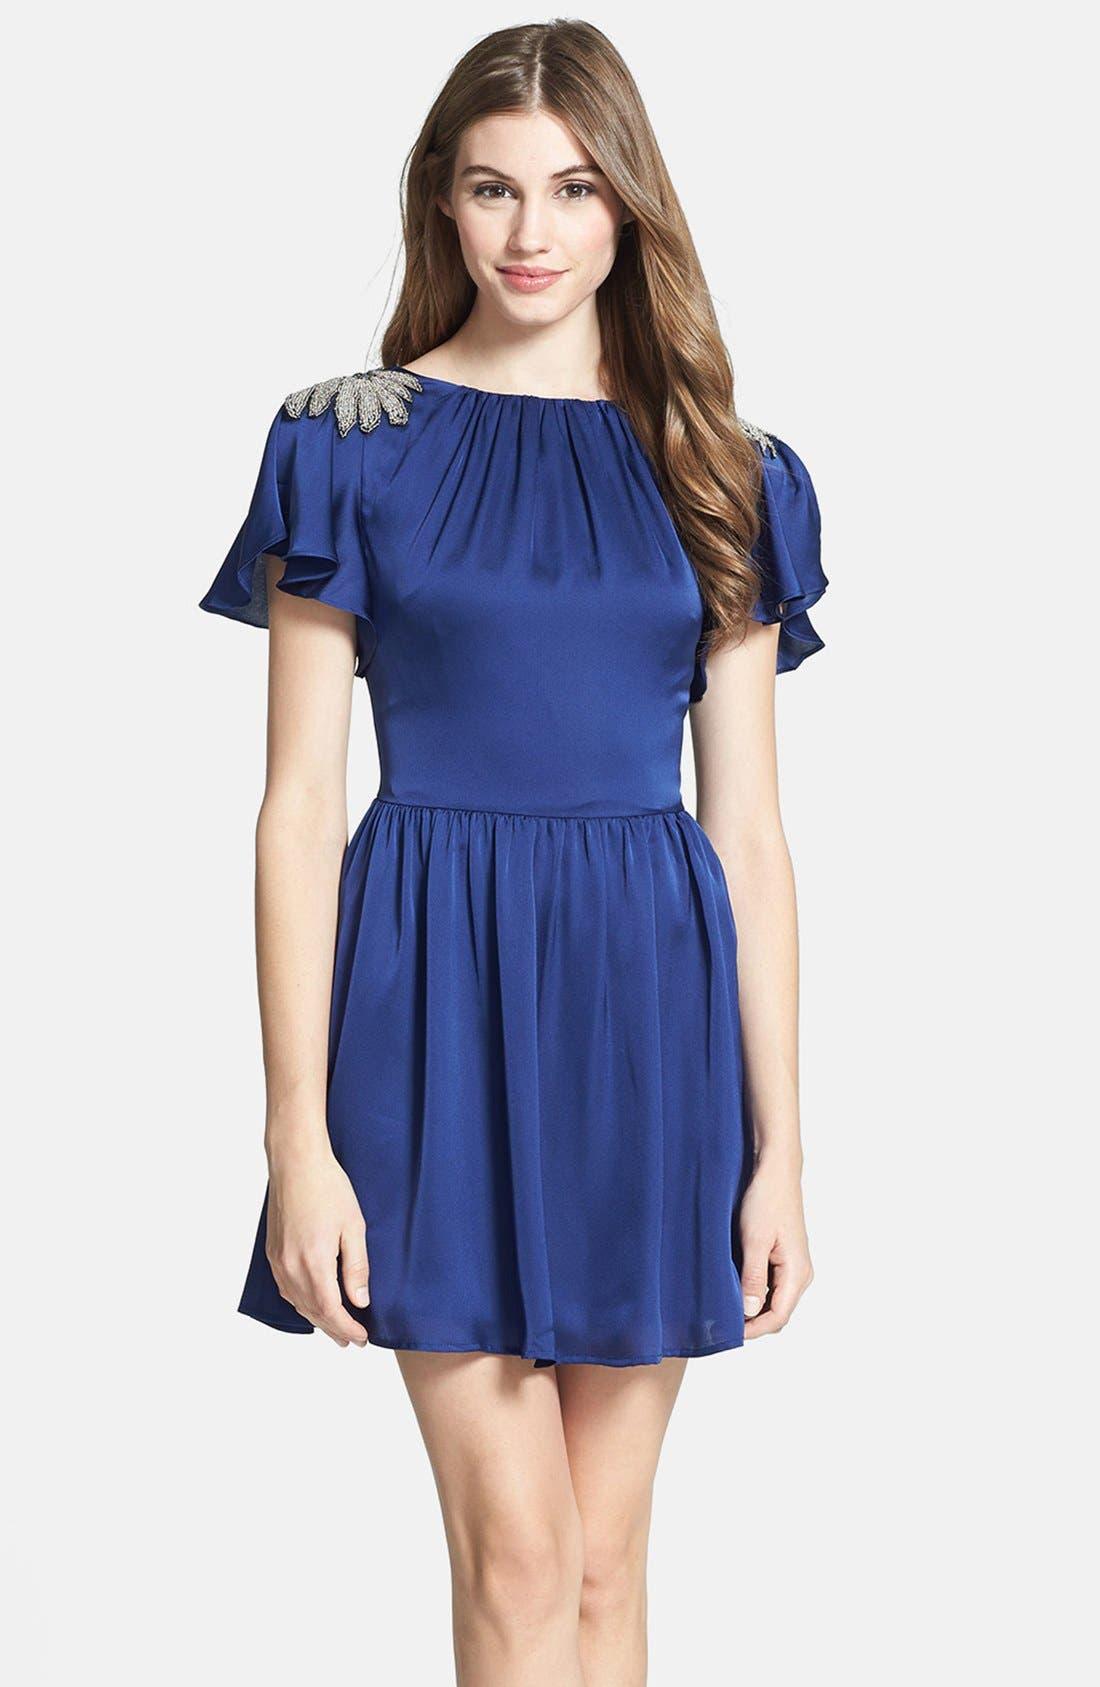 Alternate Image 1 Selected - Jarlo Embellished Satin Fit & Flare Dress